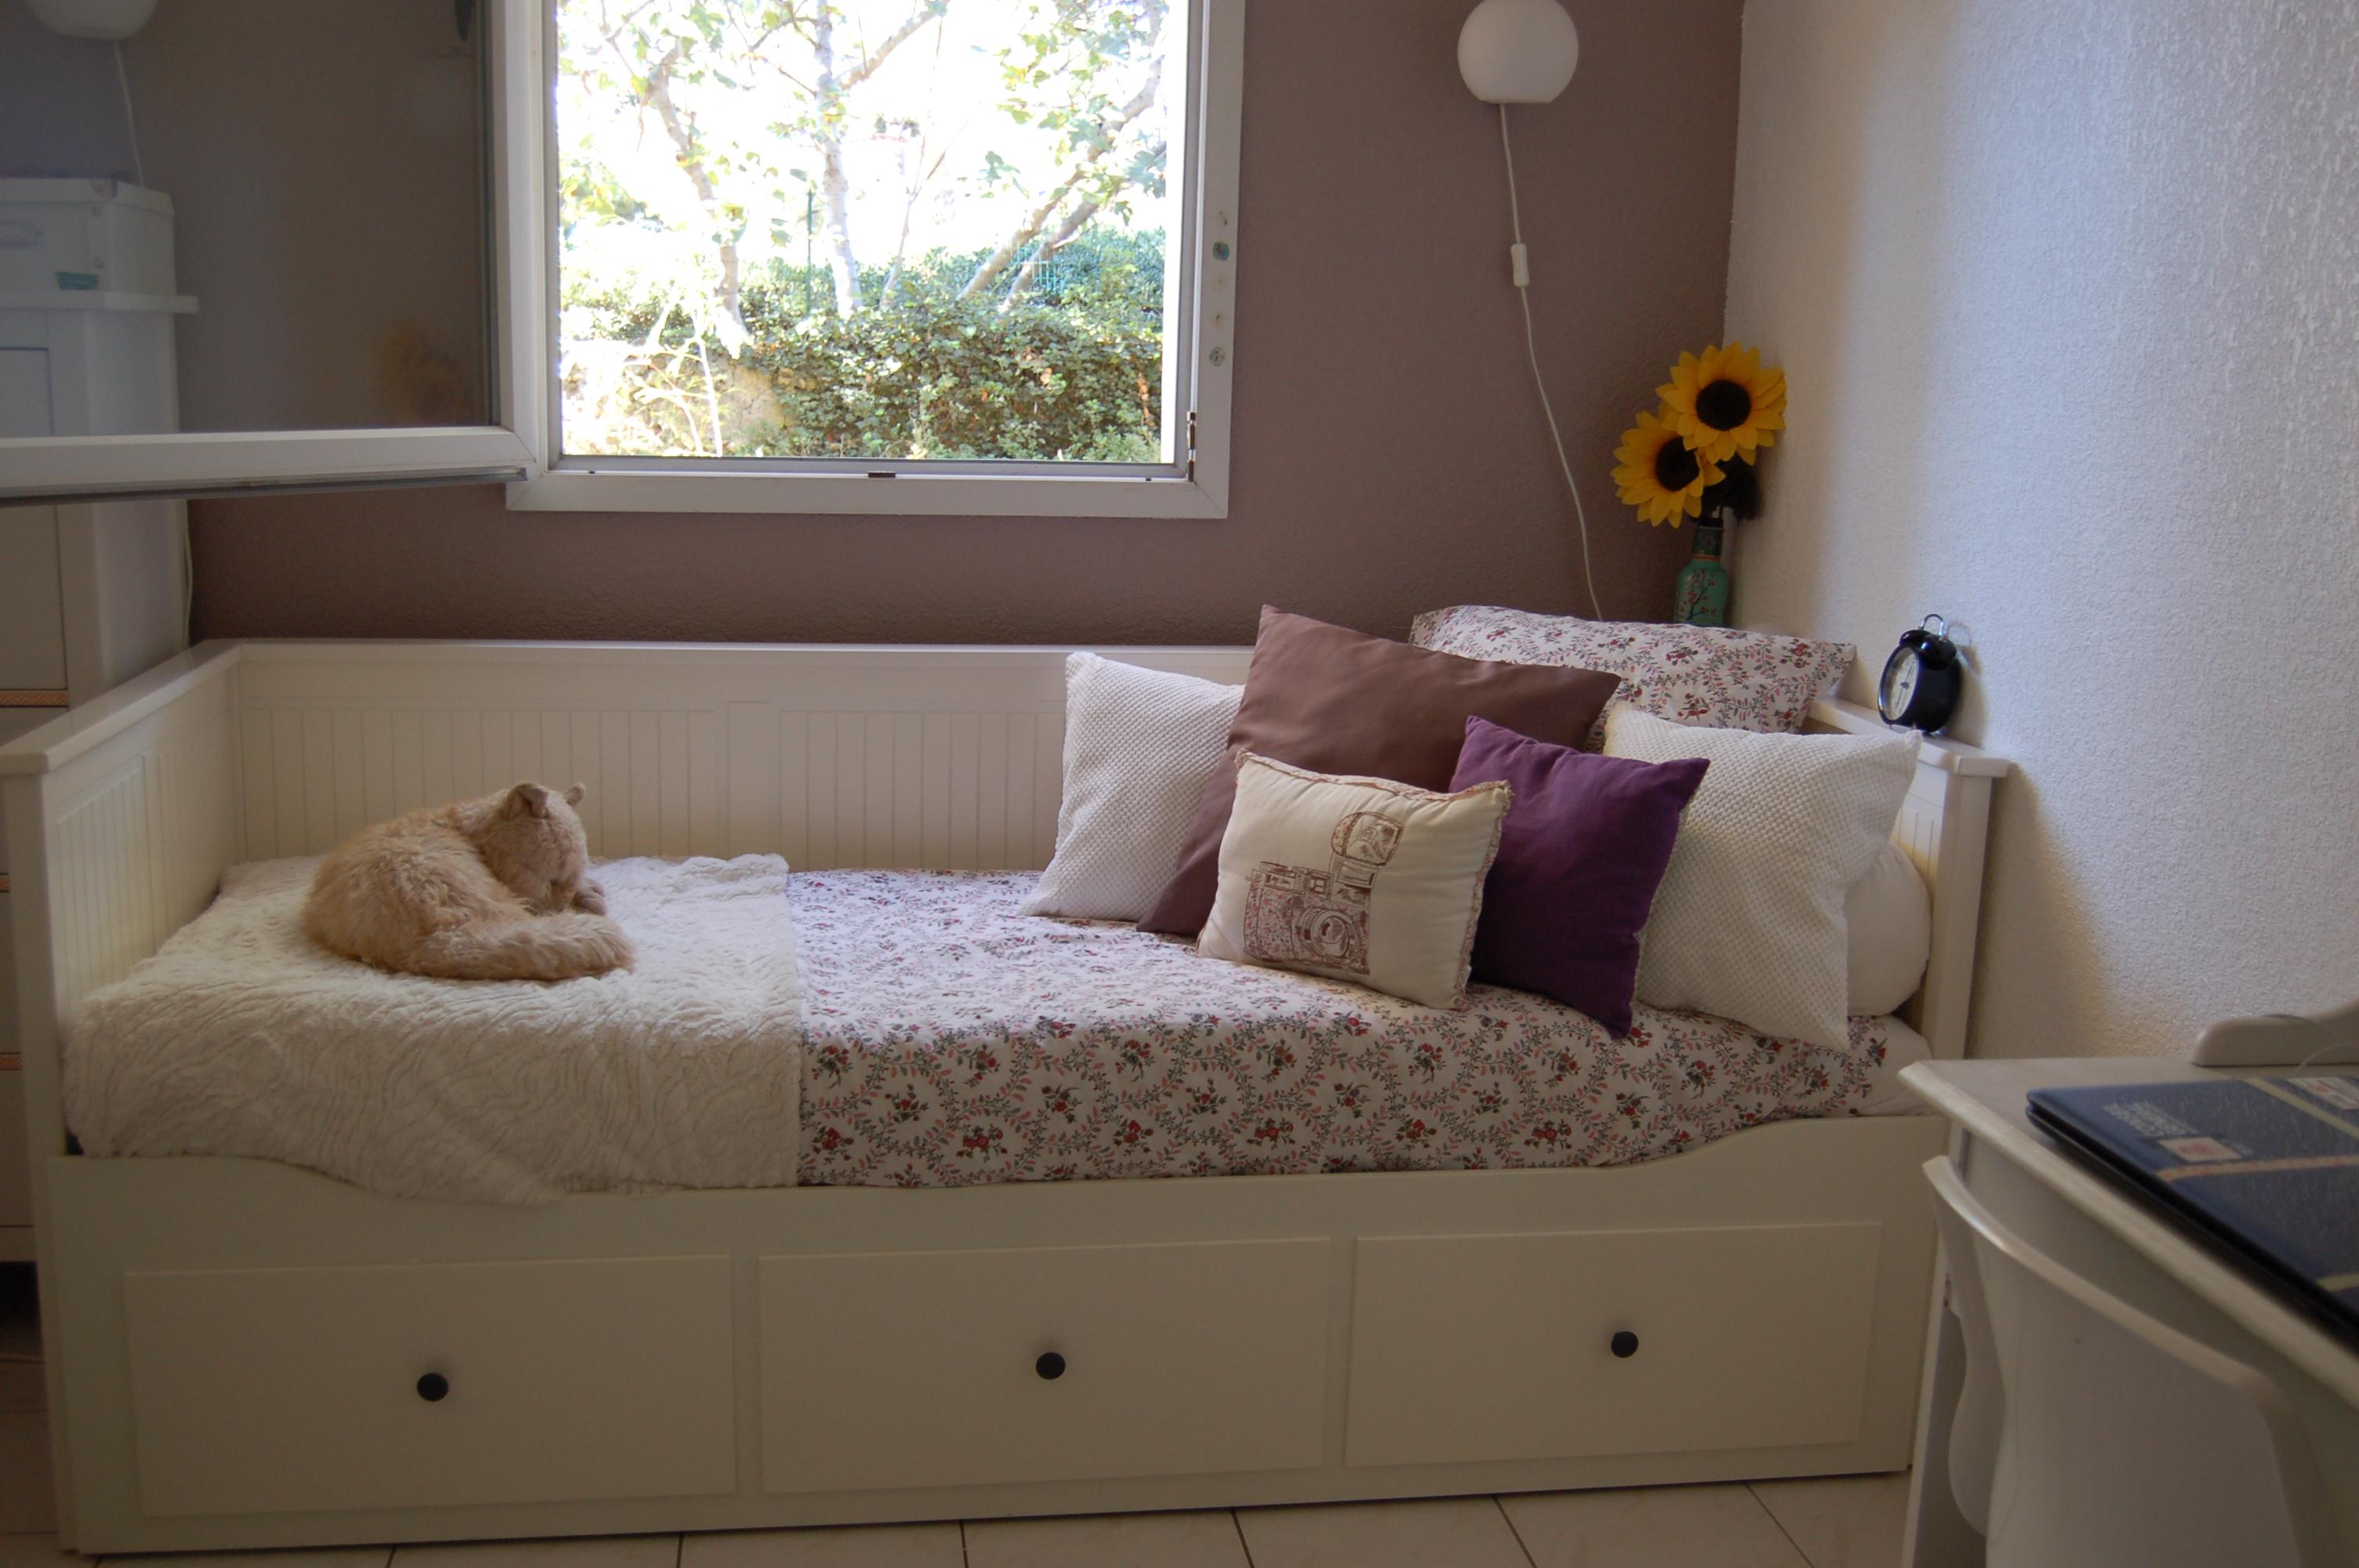 je commence par faire mon lit cuest un rituel que je veux garder car cuest ce qui rend la. Black Bedroom Furniture Sets. Home Design Ideas